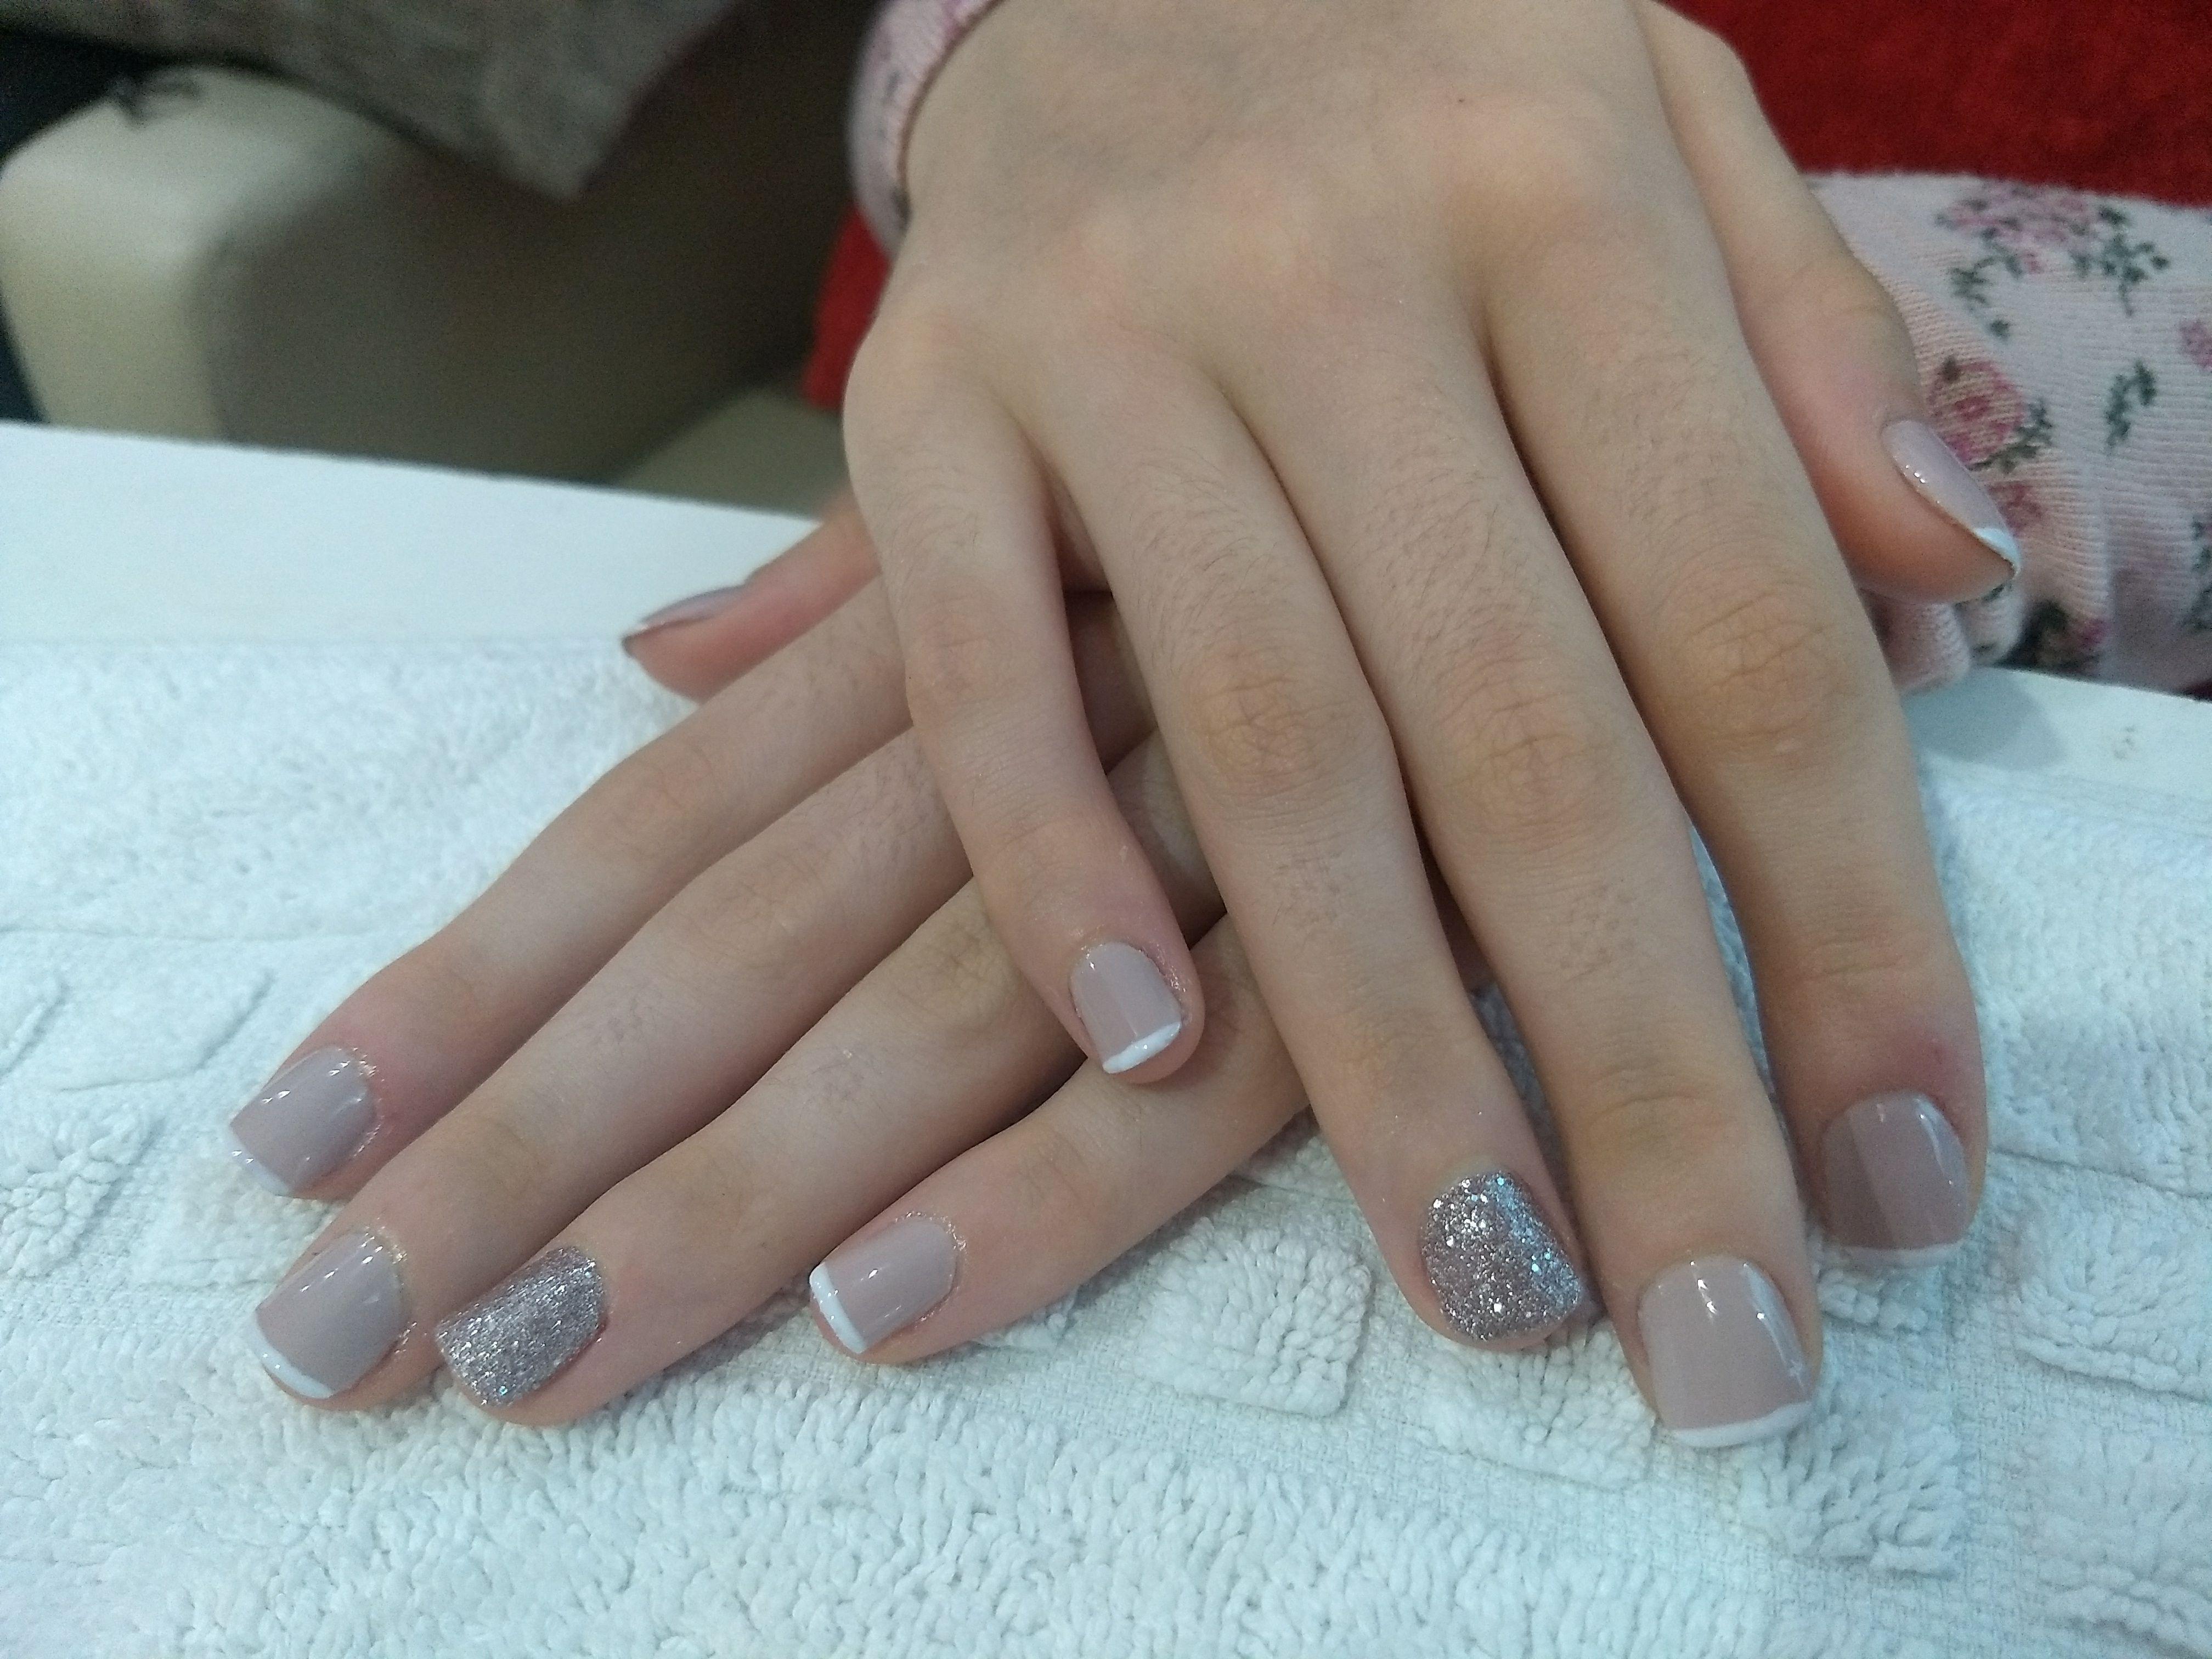 unha manicure e pedicure cabeleireiro(a) cabeleireiro(a) cabeleireiro(a)